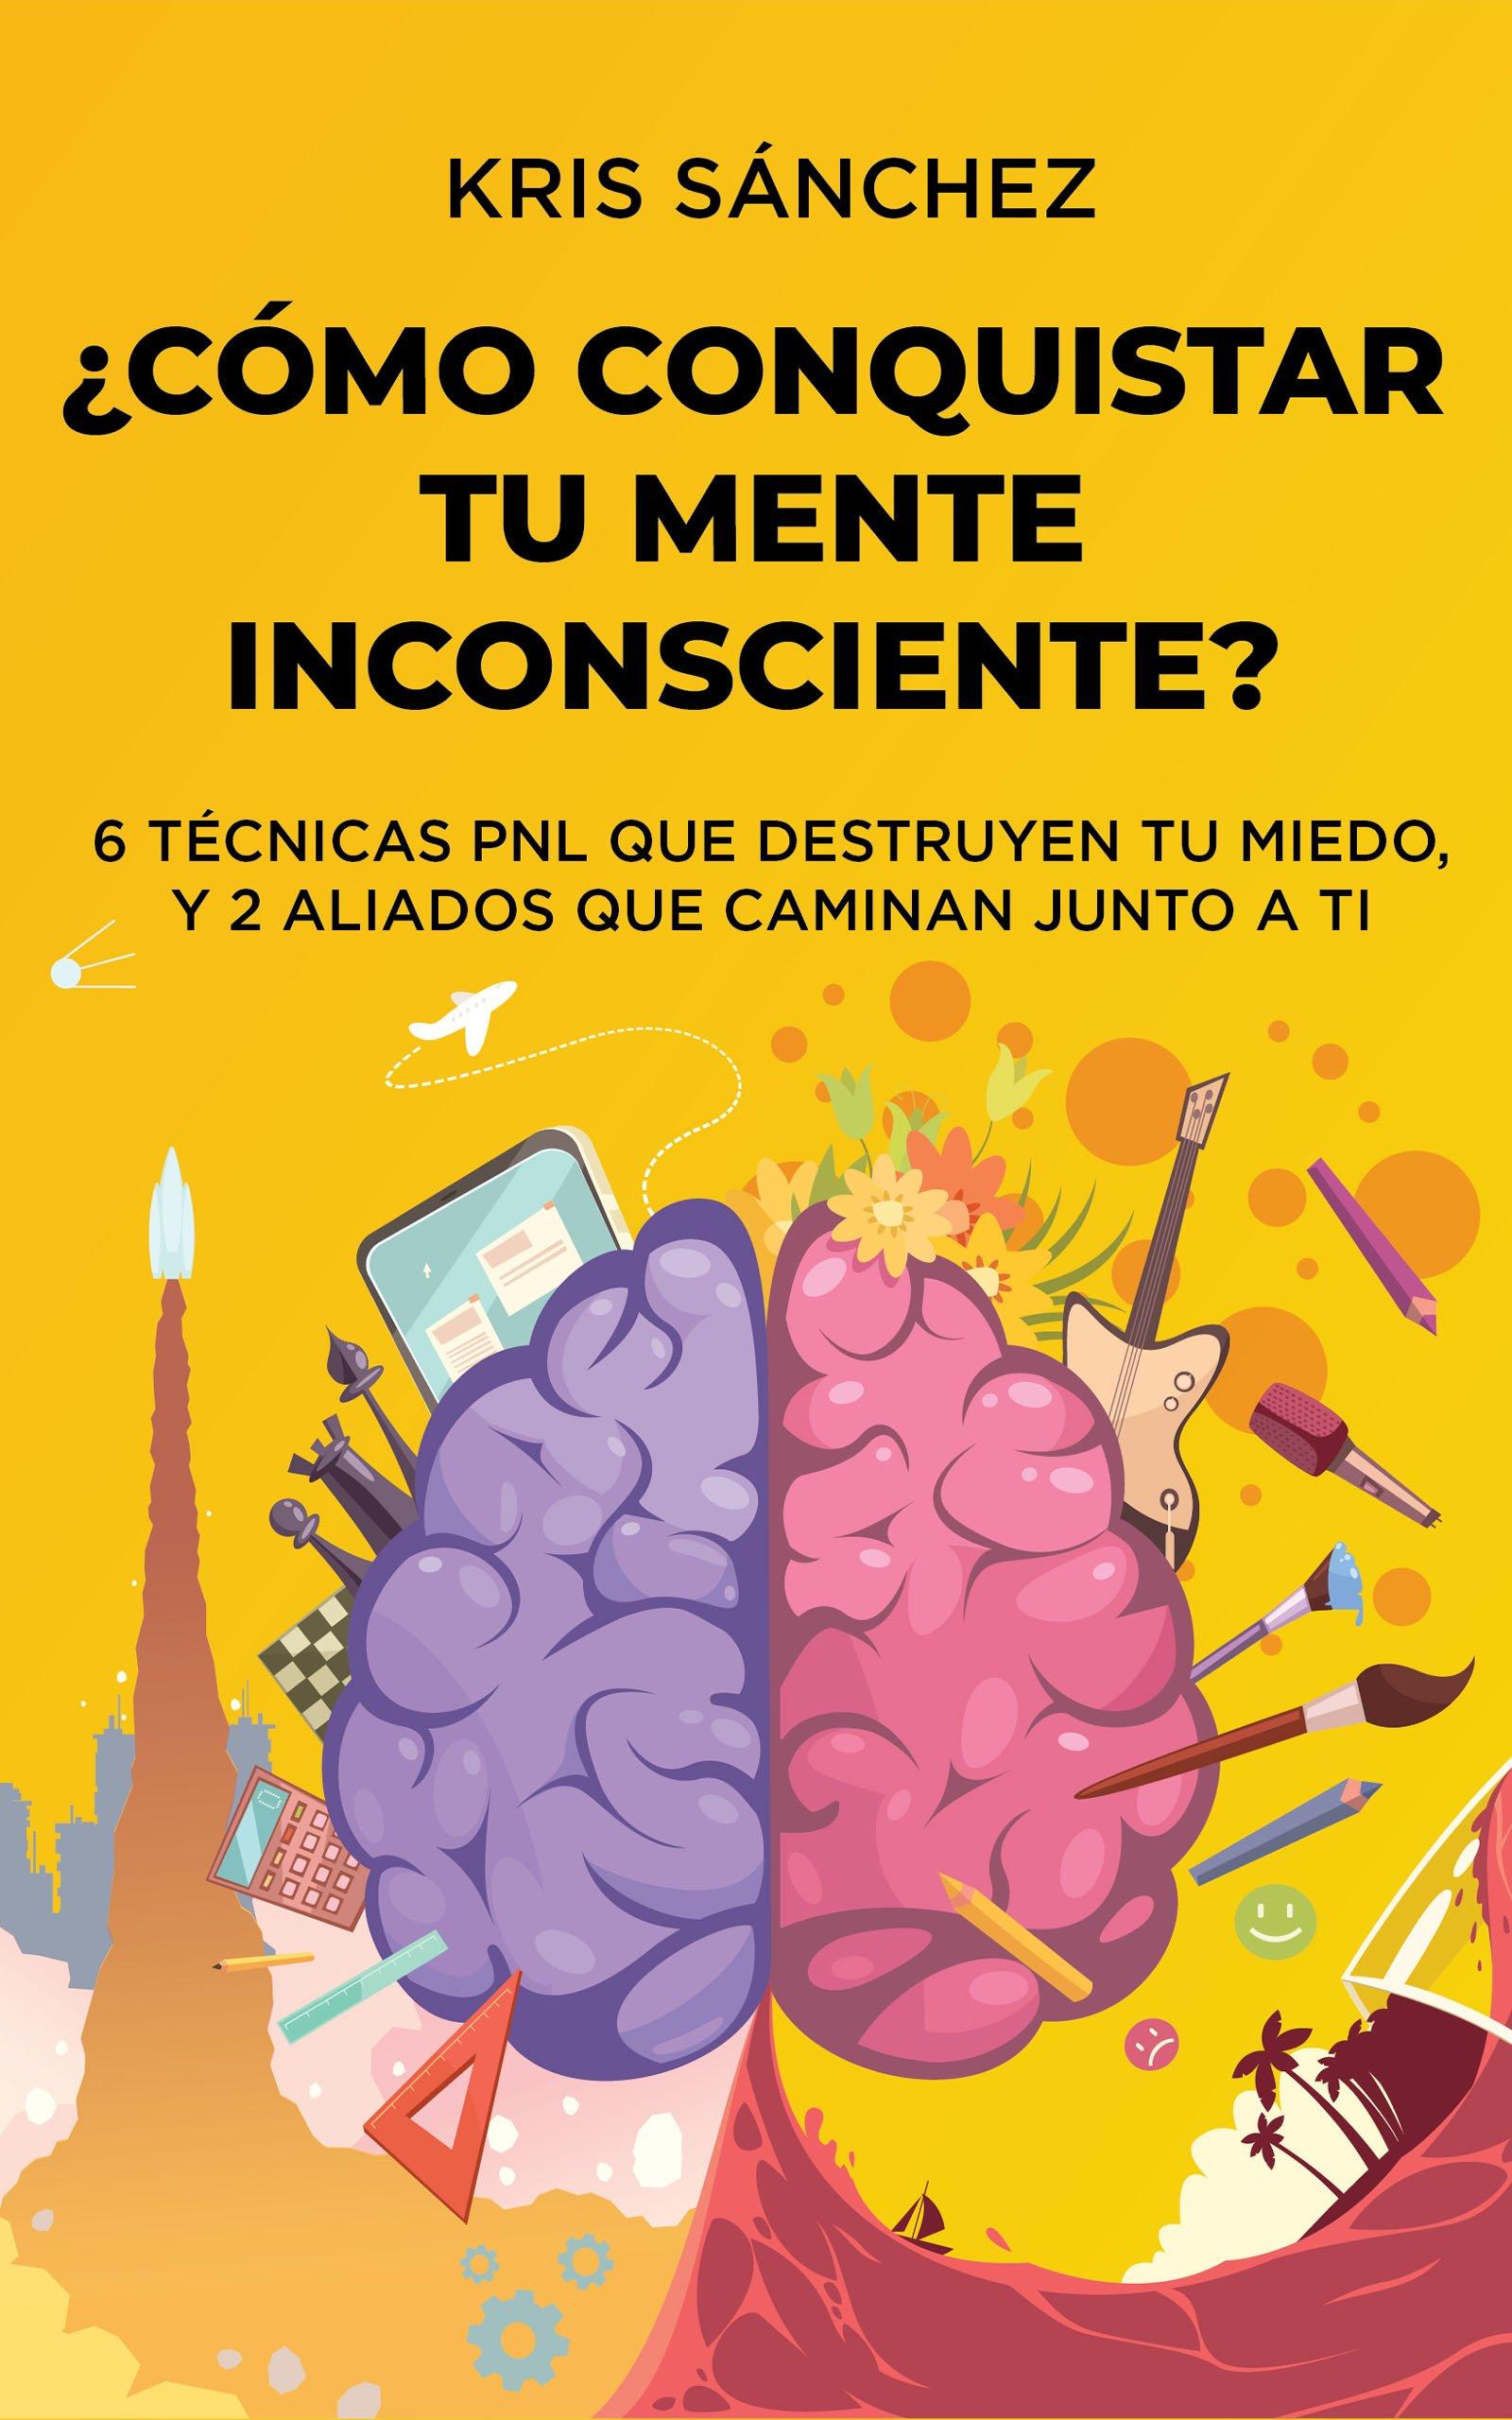 ¿Cómo conquistar tu mente inconsciente?, de Kris Sánchez